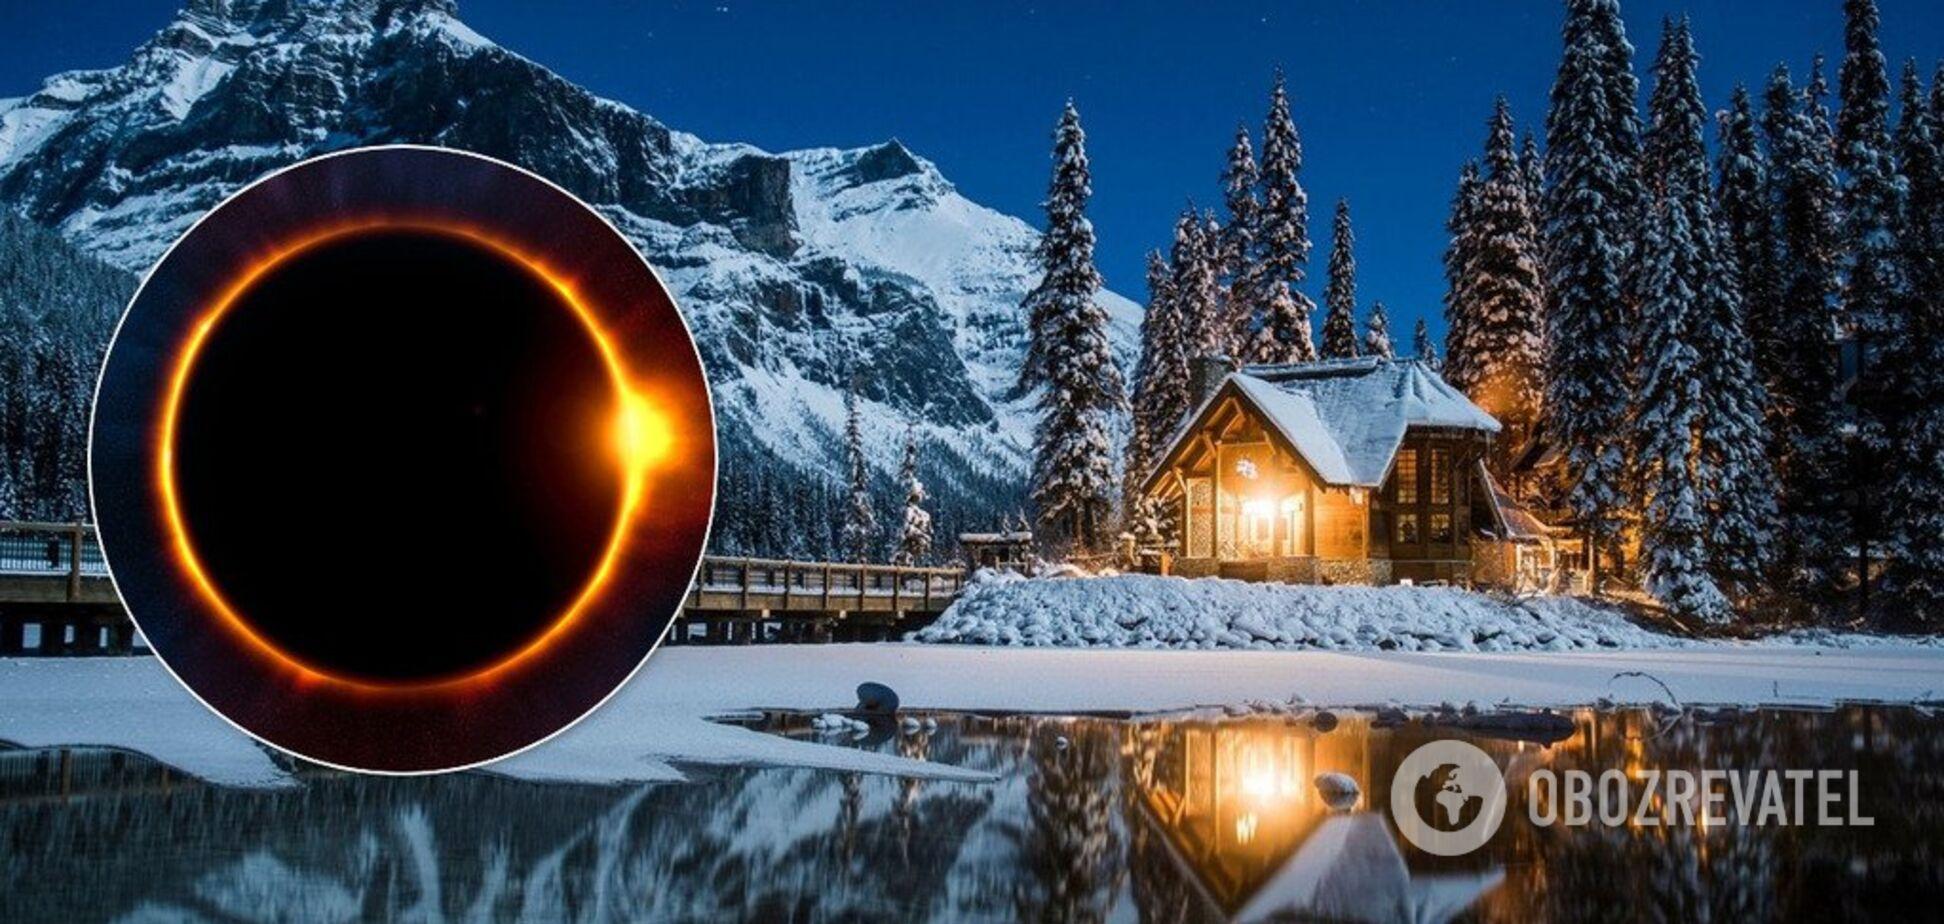 Затемнення 26 грудня: астрологиня назвала спосіб змінити долю